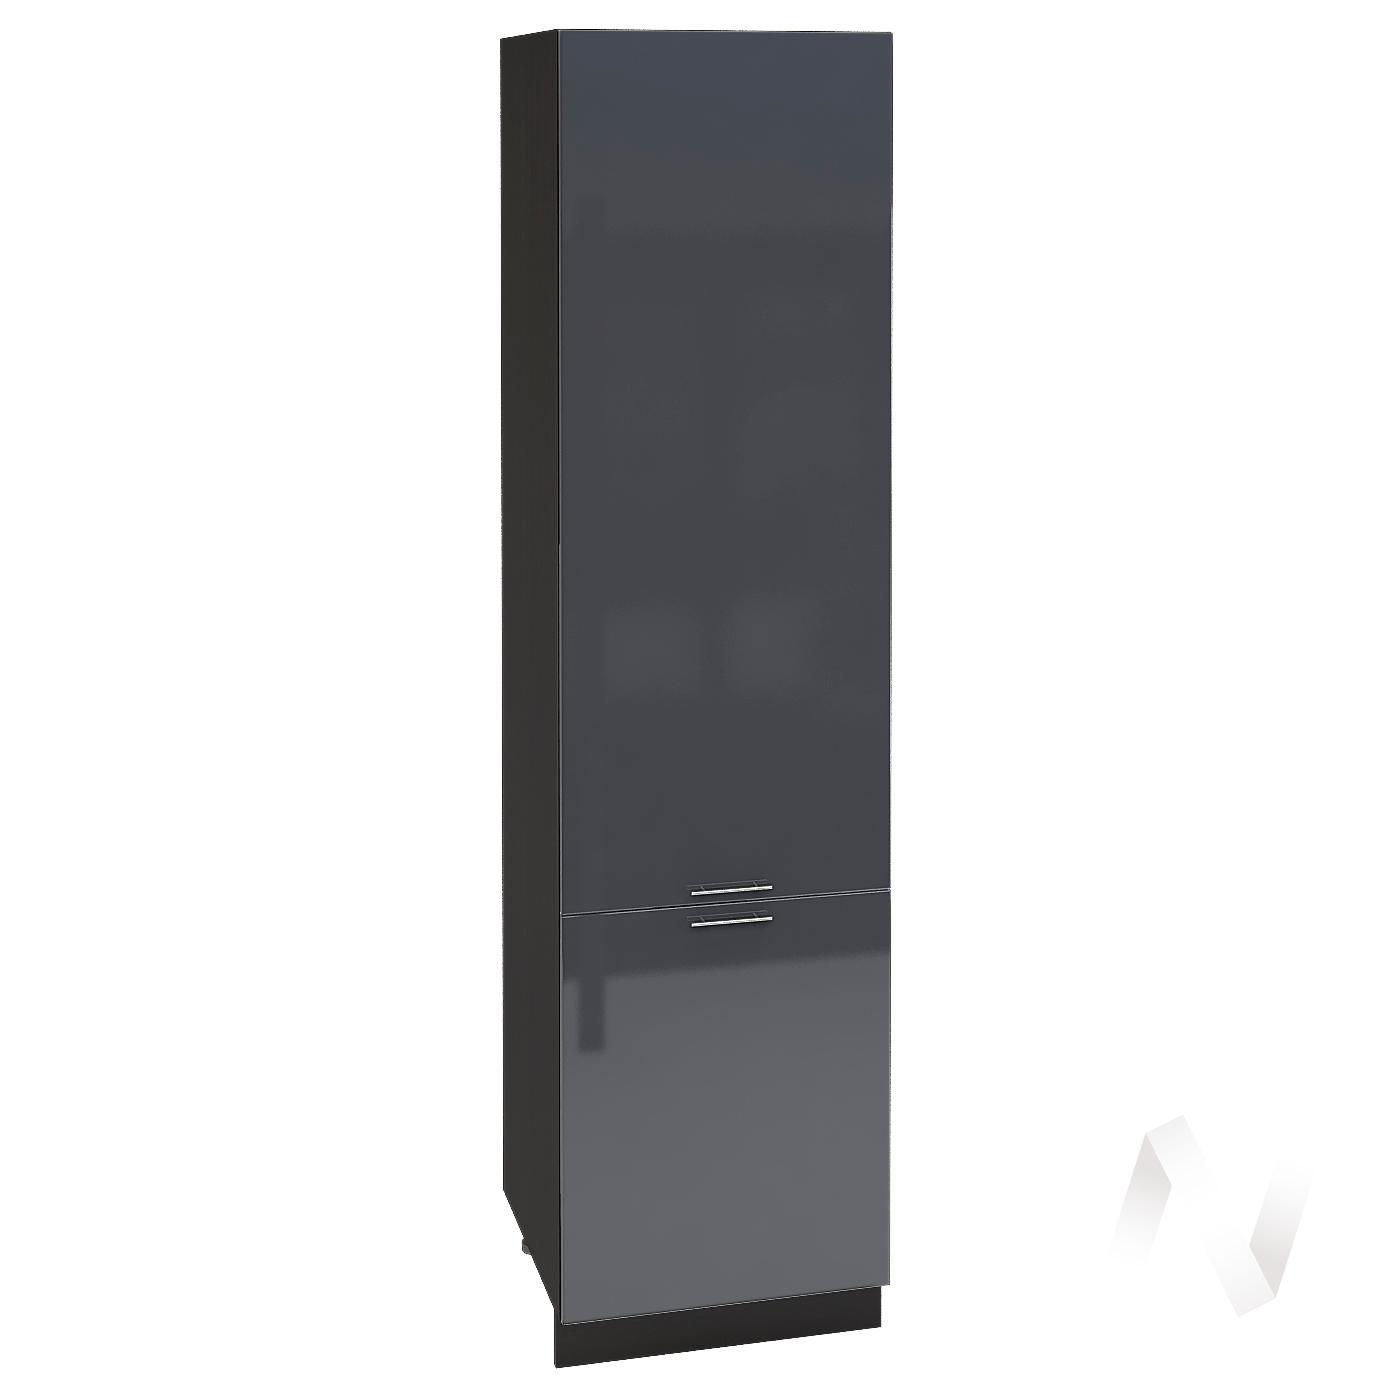 """Кухня """"Валерия-М"""": Шкаф пенал 600, ШП 600 НМ (Антрацит глянец/корпус венге)"""